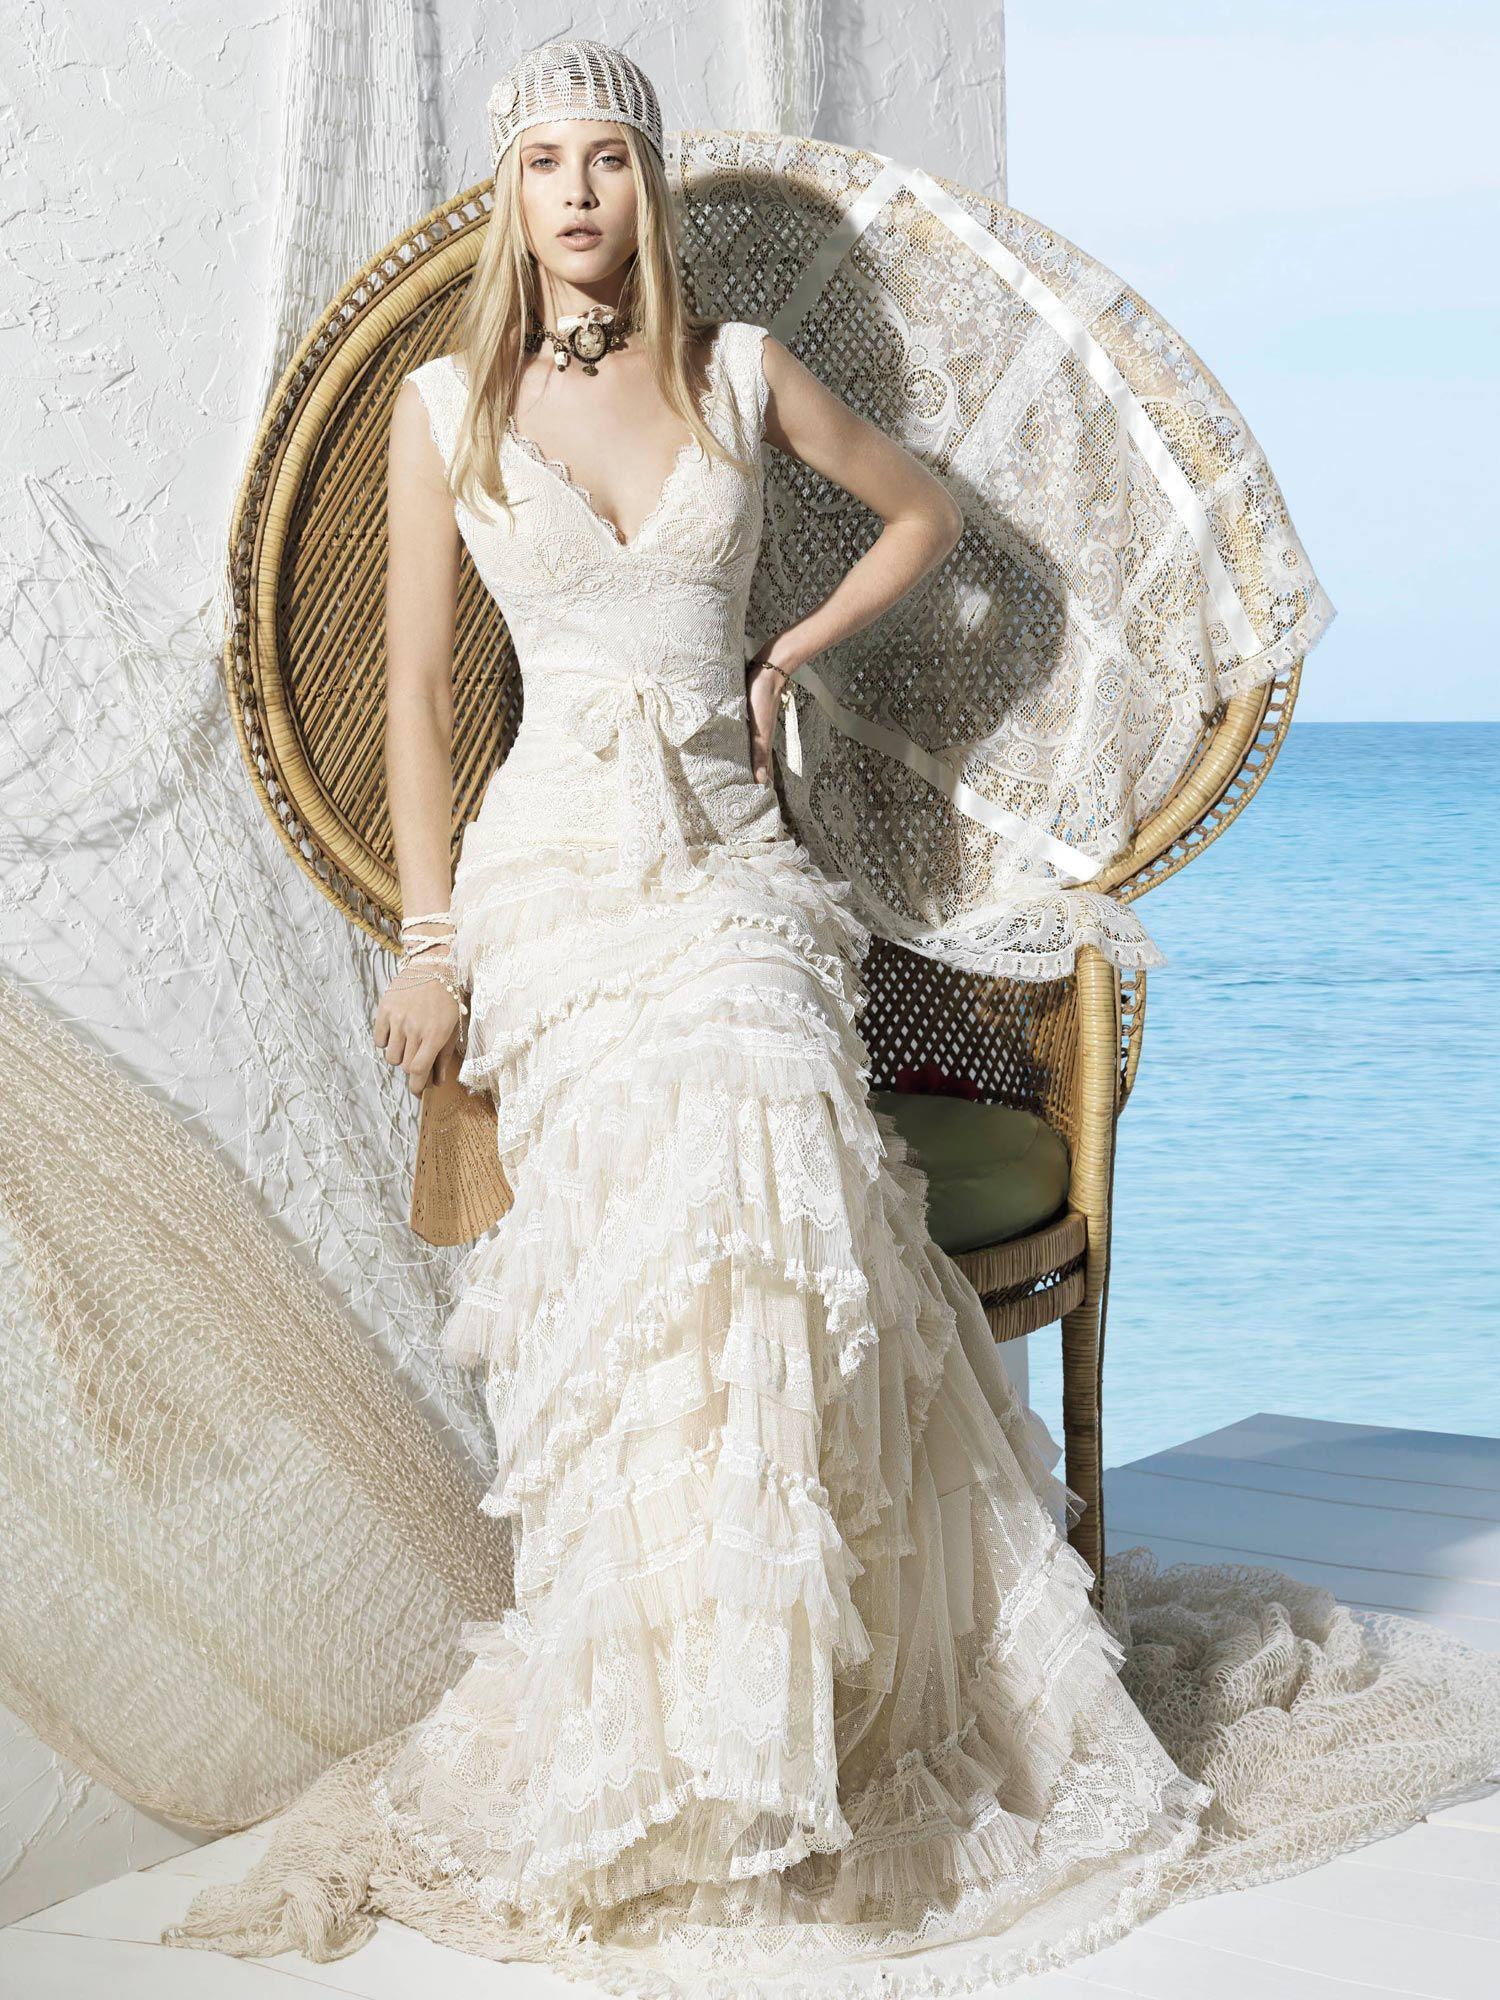 712be2924 Vestido de novia modelo togo  modelo  novia  vestido  vestidosdenoviamodelos